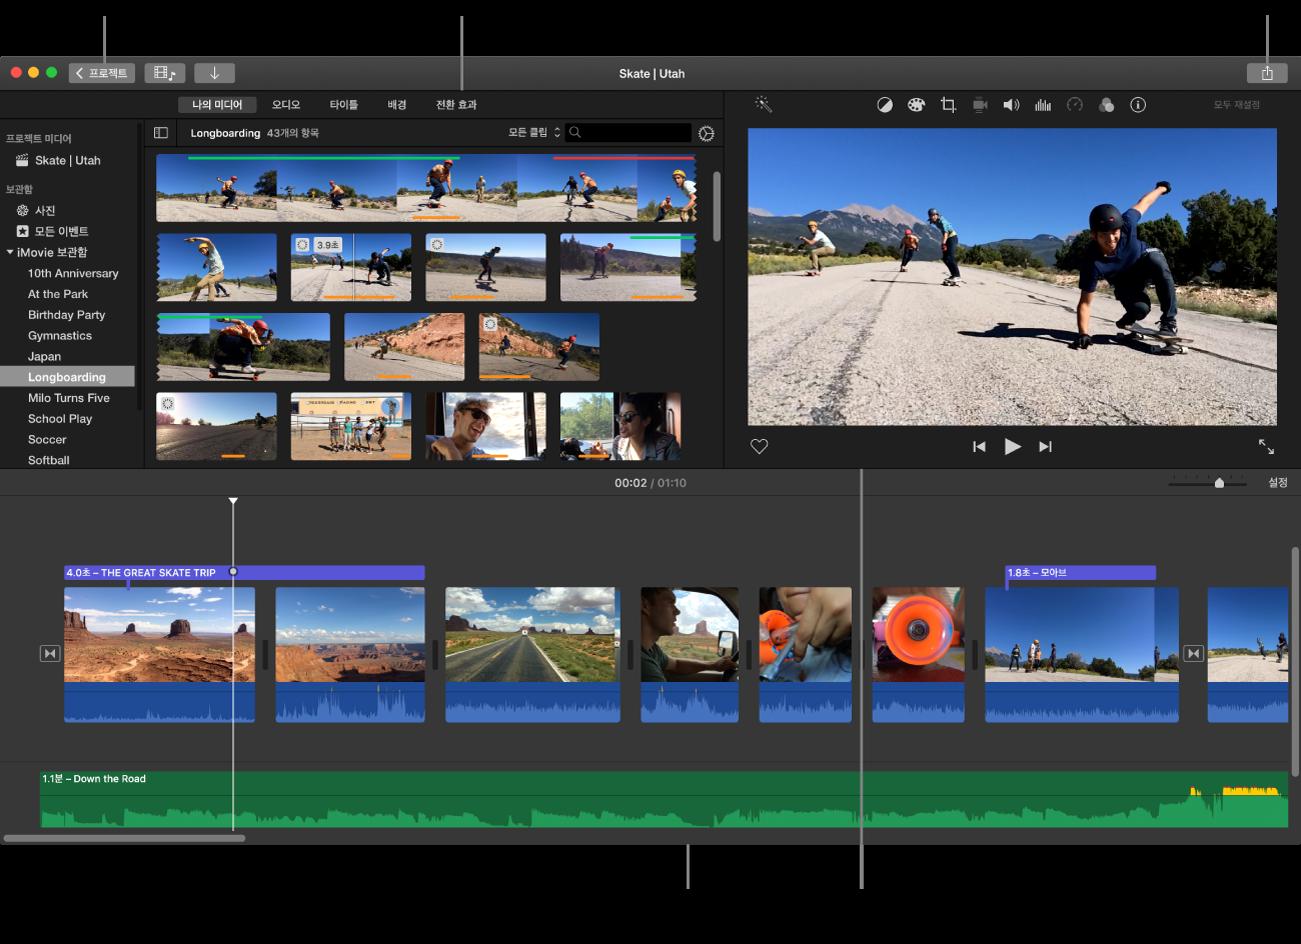 왼쪽 상단에 브라우저, 오른쪽 상단에 화면 보기, 하단에 타임라인을 표시하는 iMovie 주 윈도우